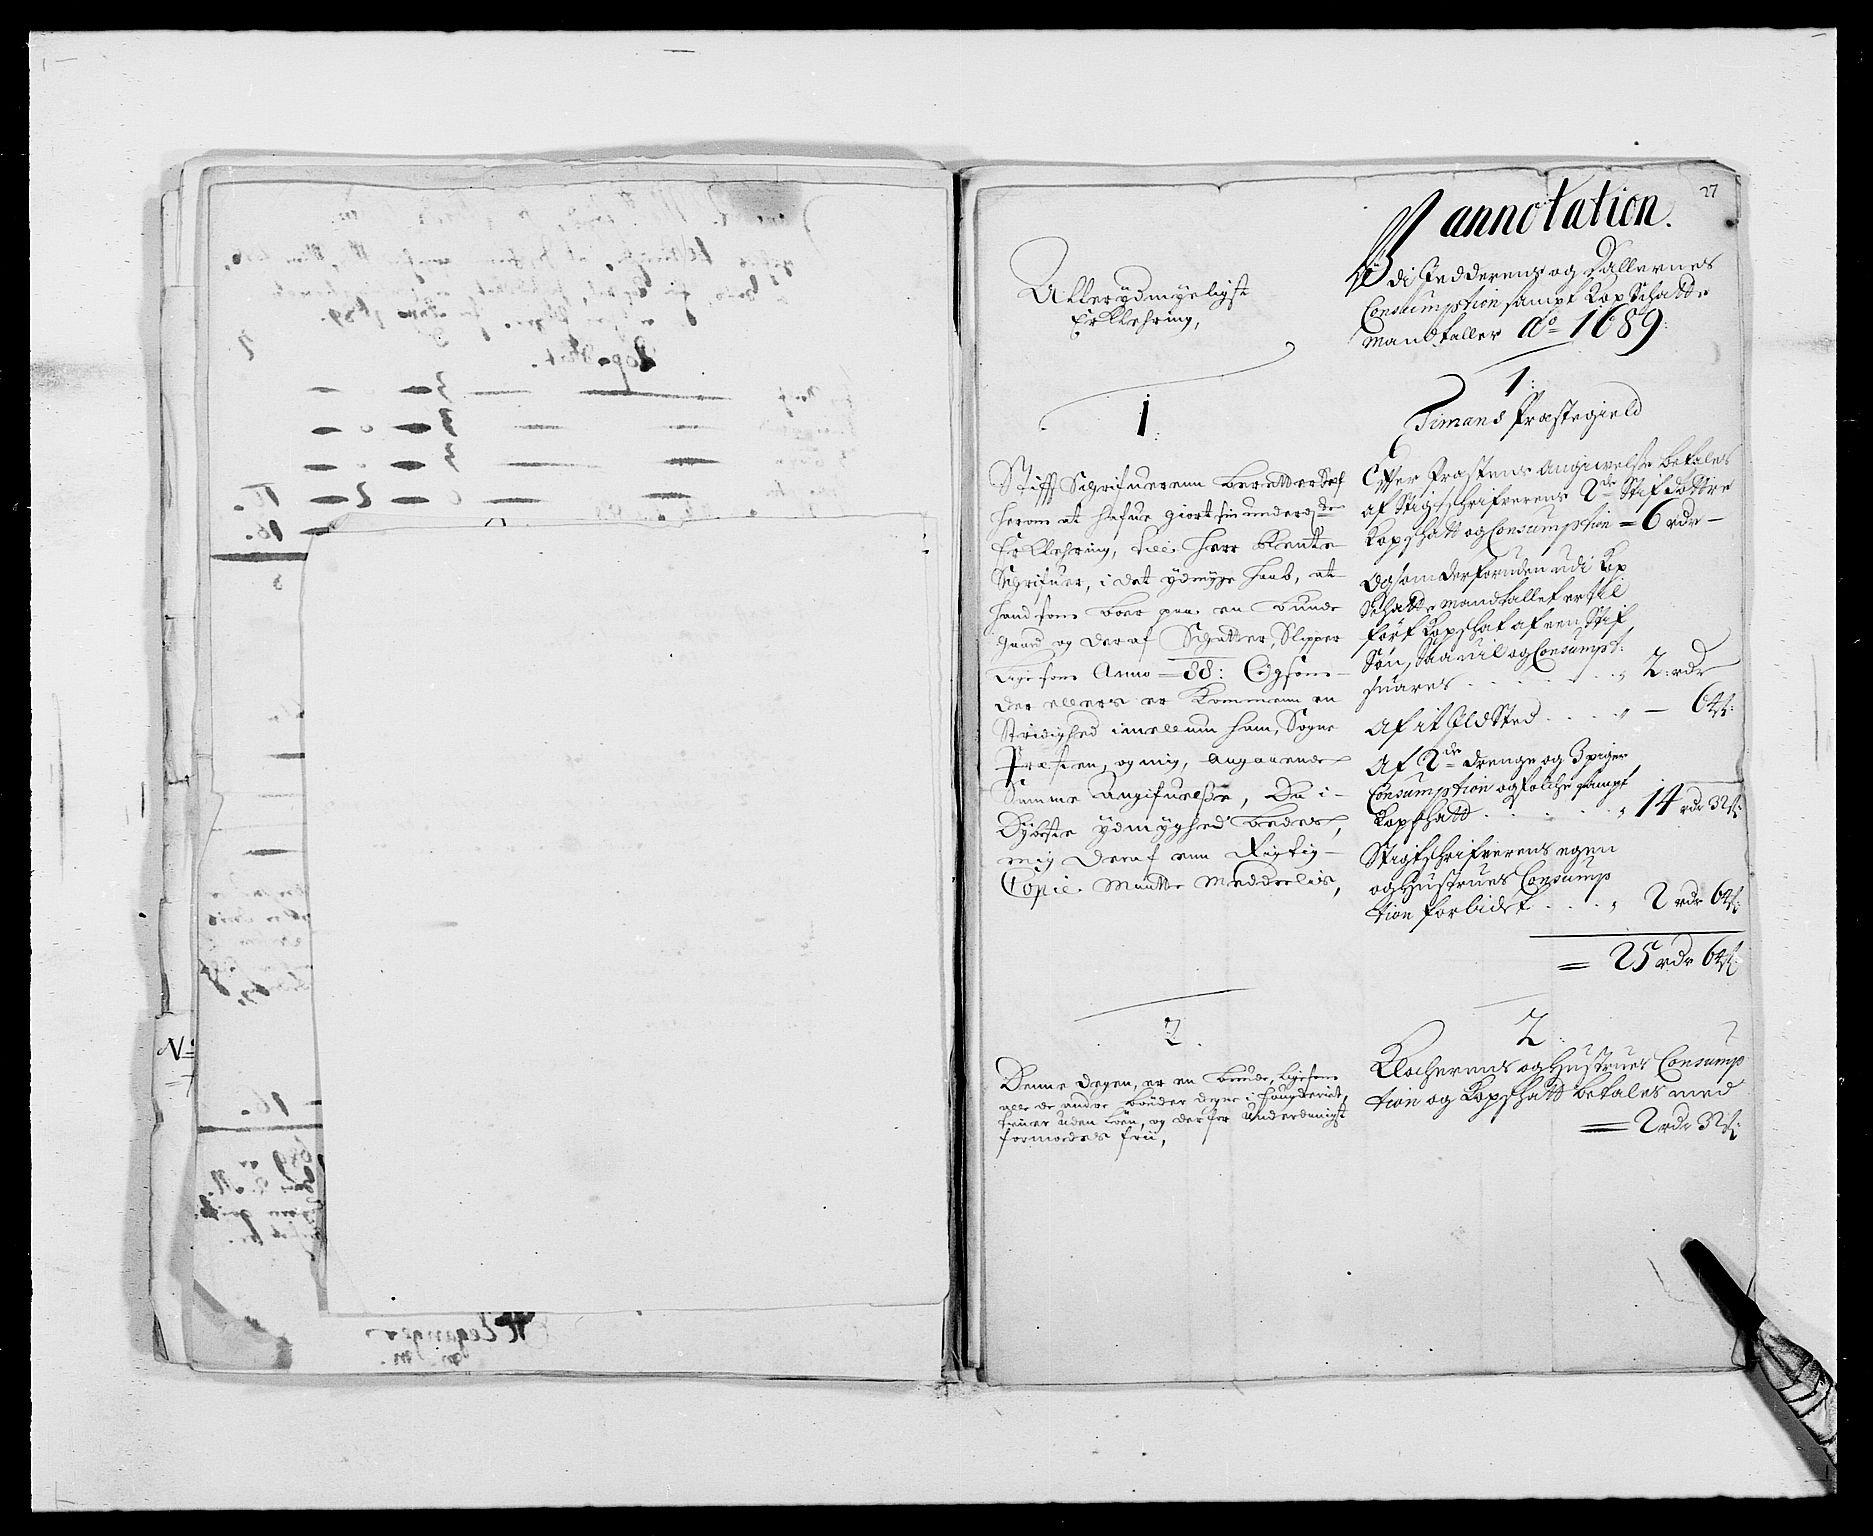 RA, Rentekammeret inntil 1814, Reviderte regnskaper, Fogderegnskap, R46/L2726: Fogderegnskap Jæren og Dalane, 1686-1689, s. 360